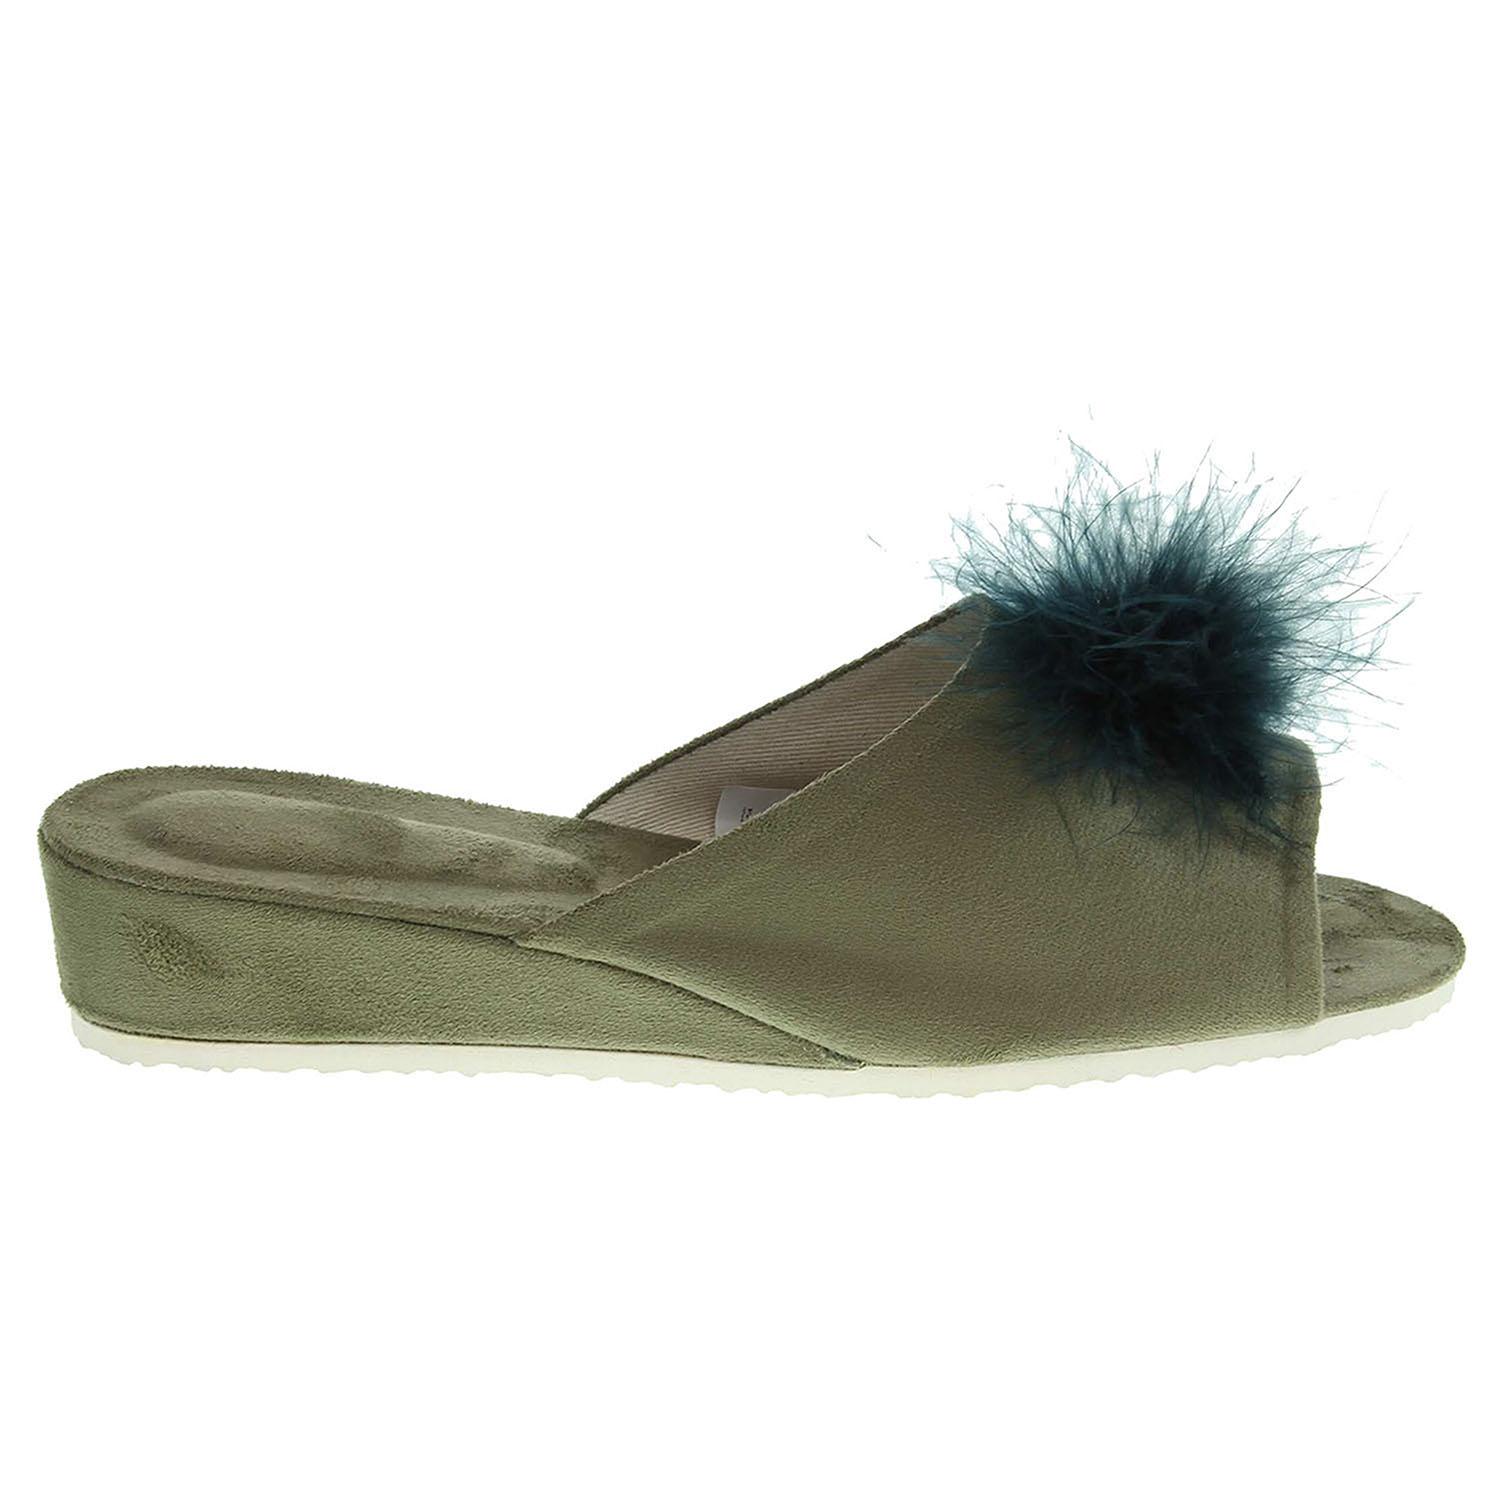 Dámské domácí pantofle 1031.00 zelené 38